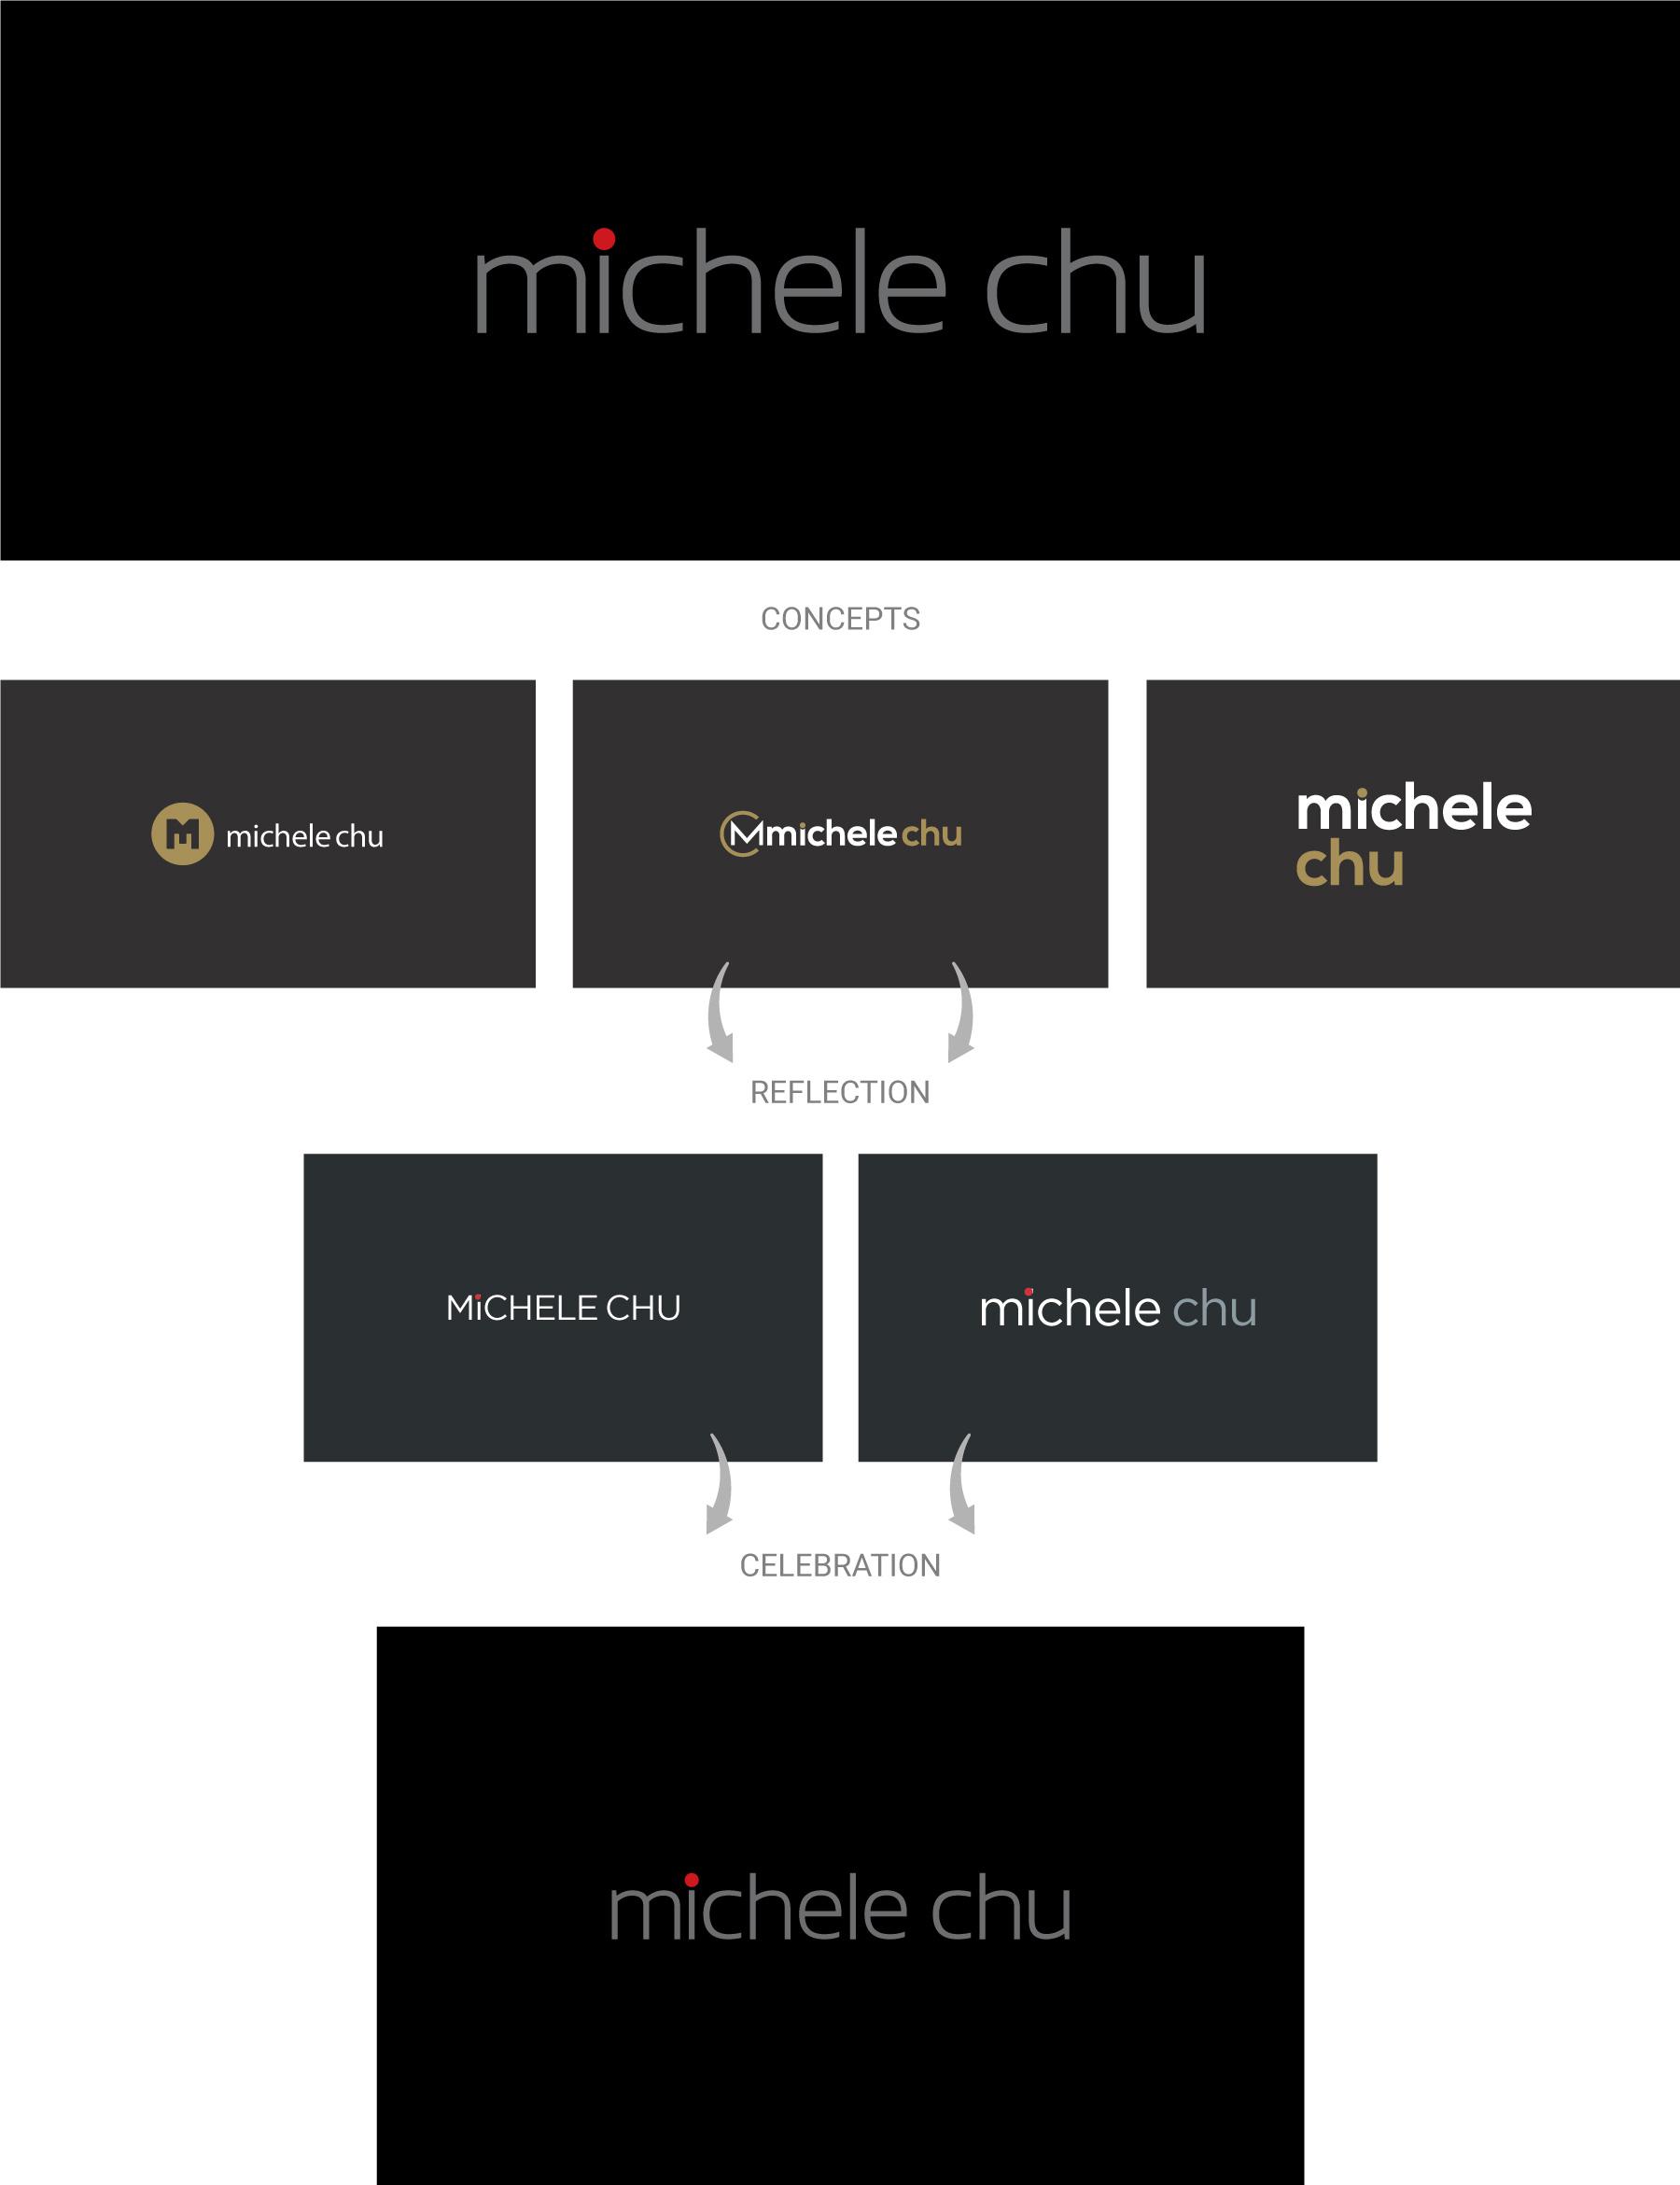 Michele-chu-logo-design